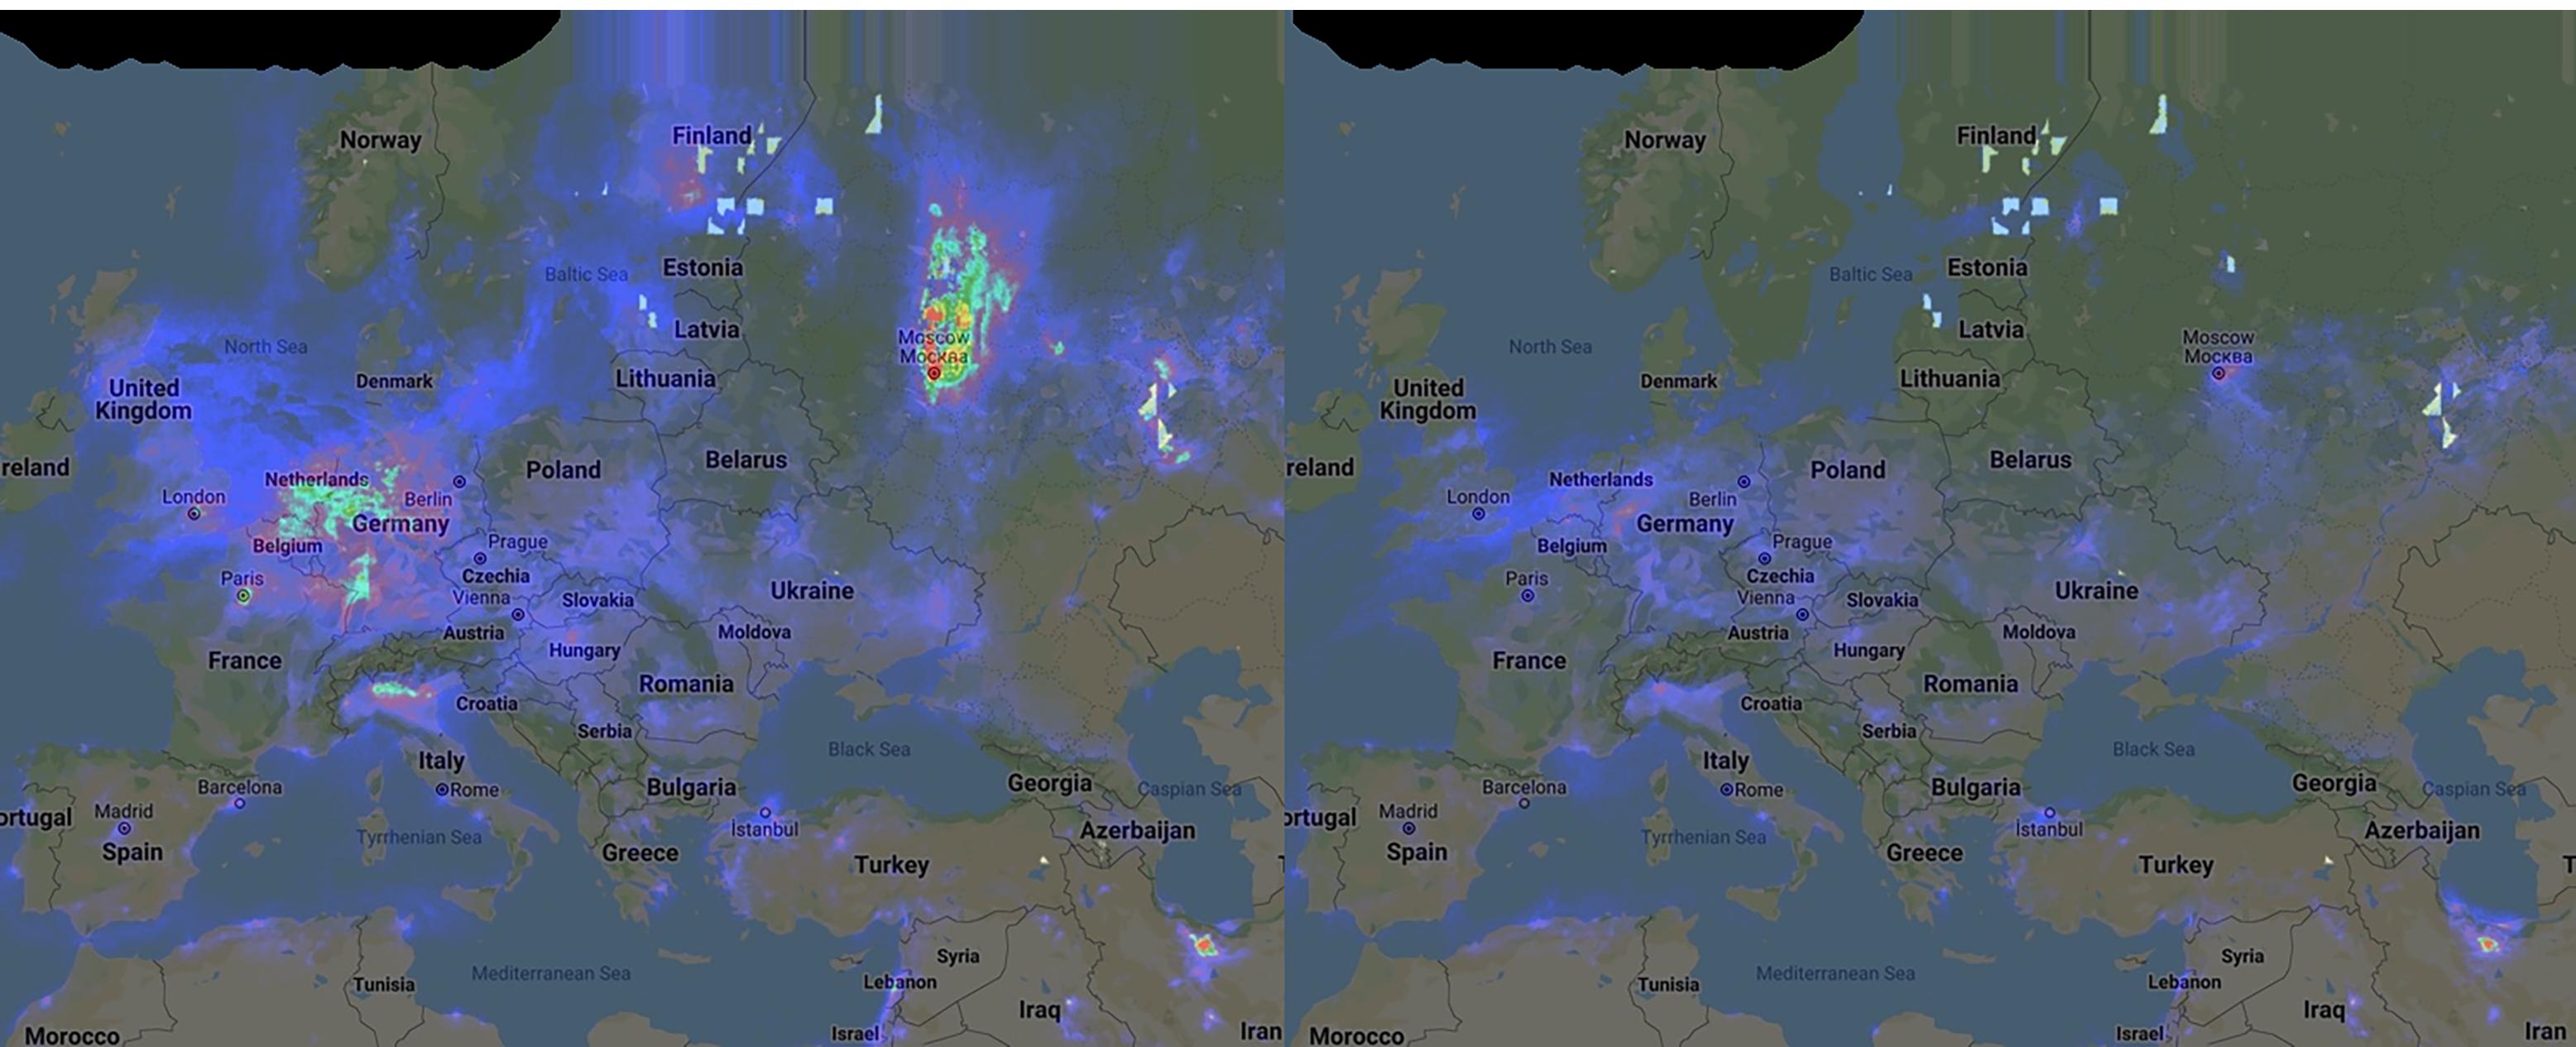 Fortsatt kraftigt sänkta föroreningsnivåer i Europa